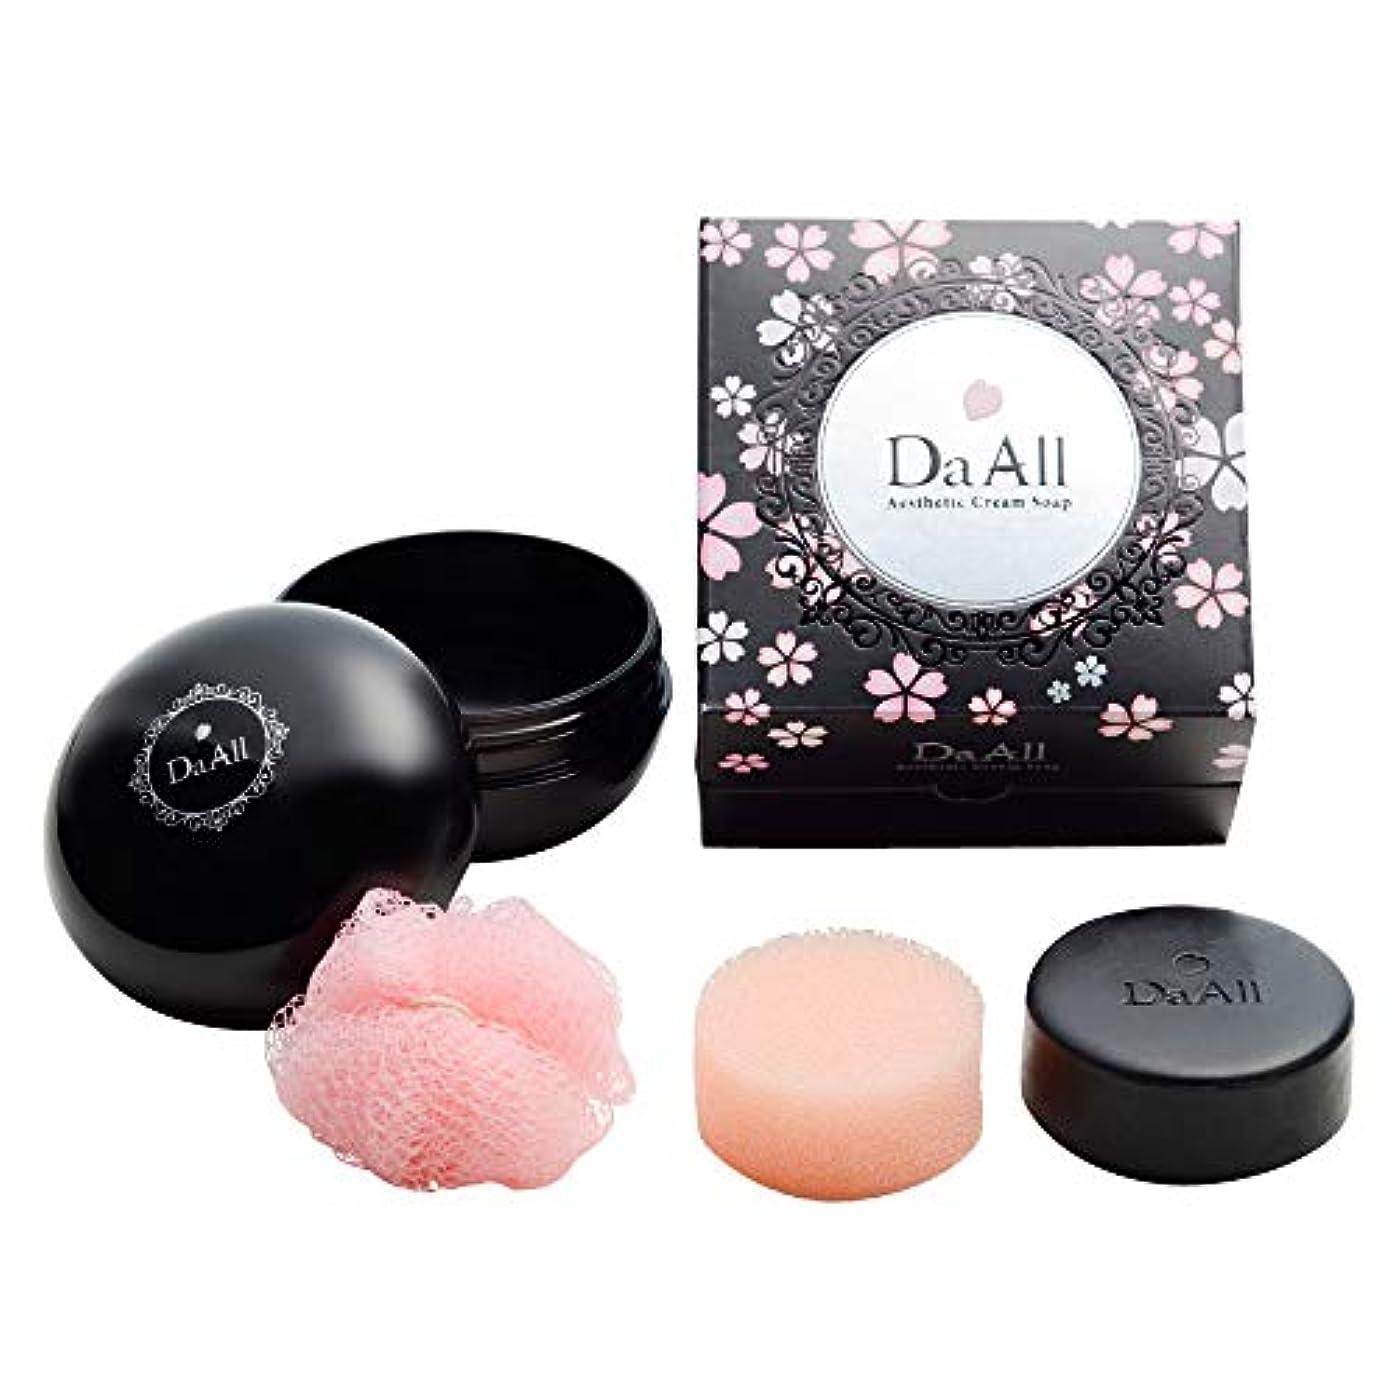 日本製 美容成分高配合洗顔石鹸 メイク落とし 洗顔 保湿 ダオルエステティッククリームソープ マカロンケースセット